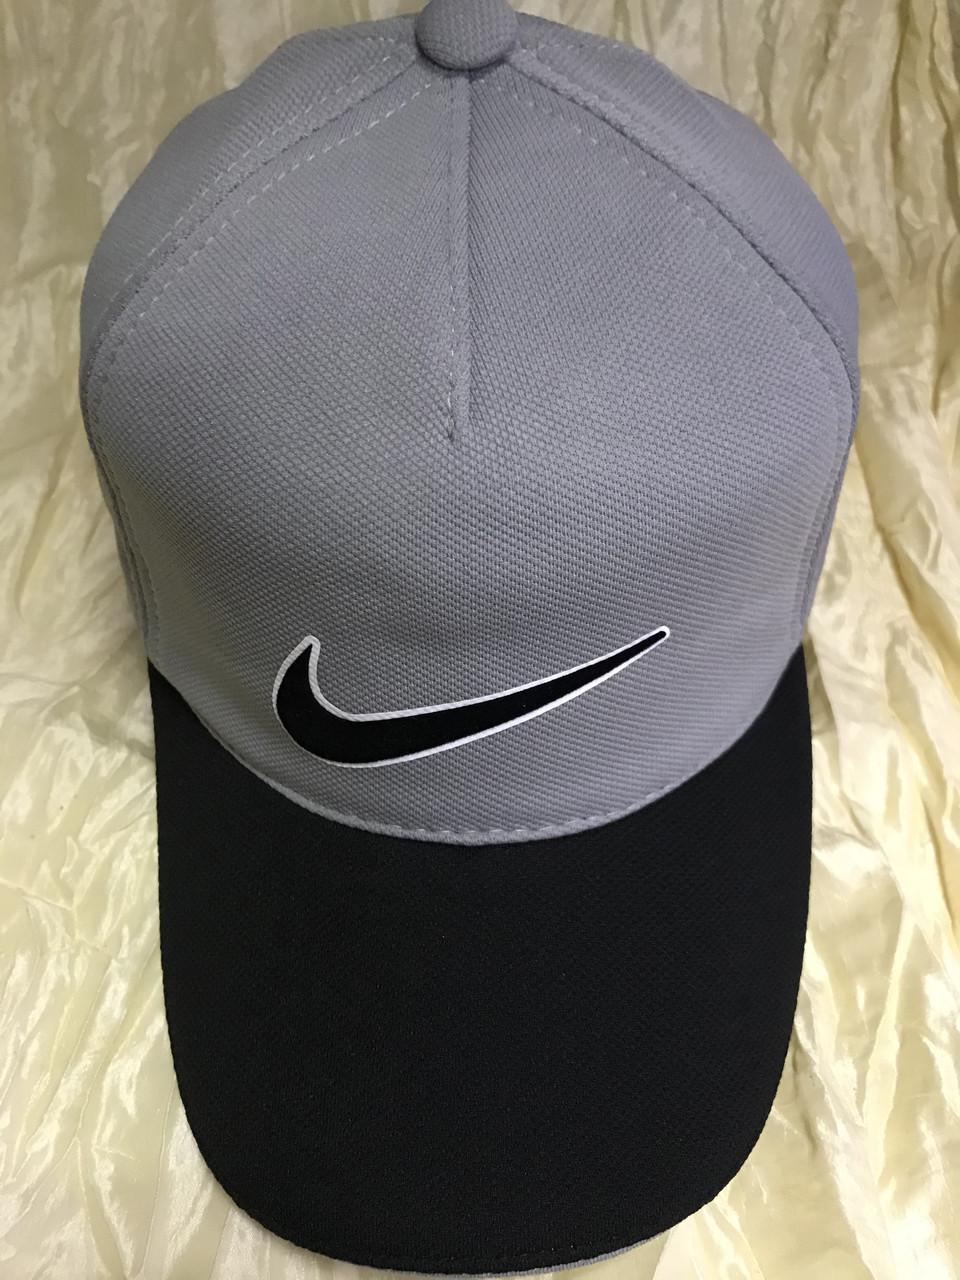 Бейсболка  трикотажная козырек двухцветный размер 58-60 цвет св/серый